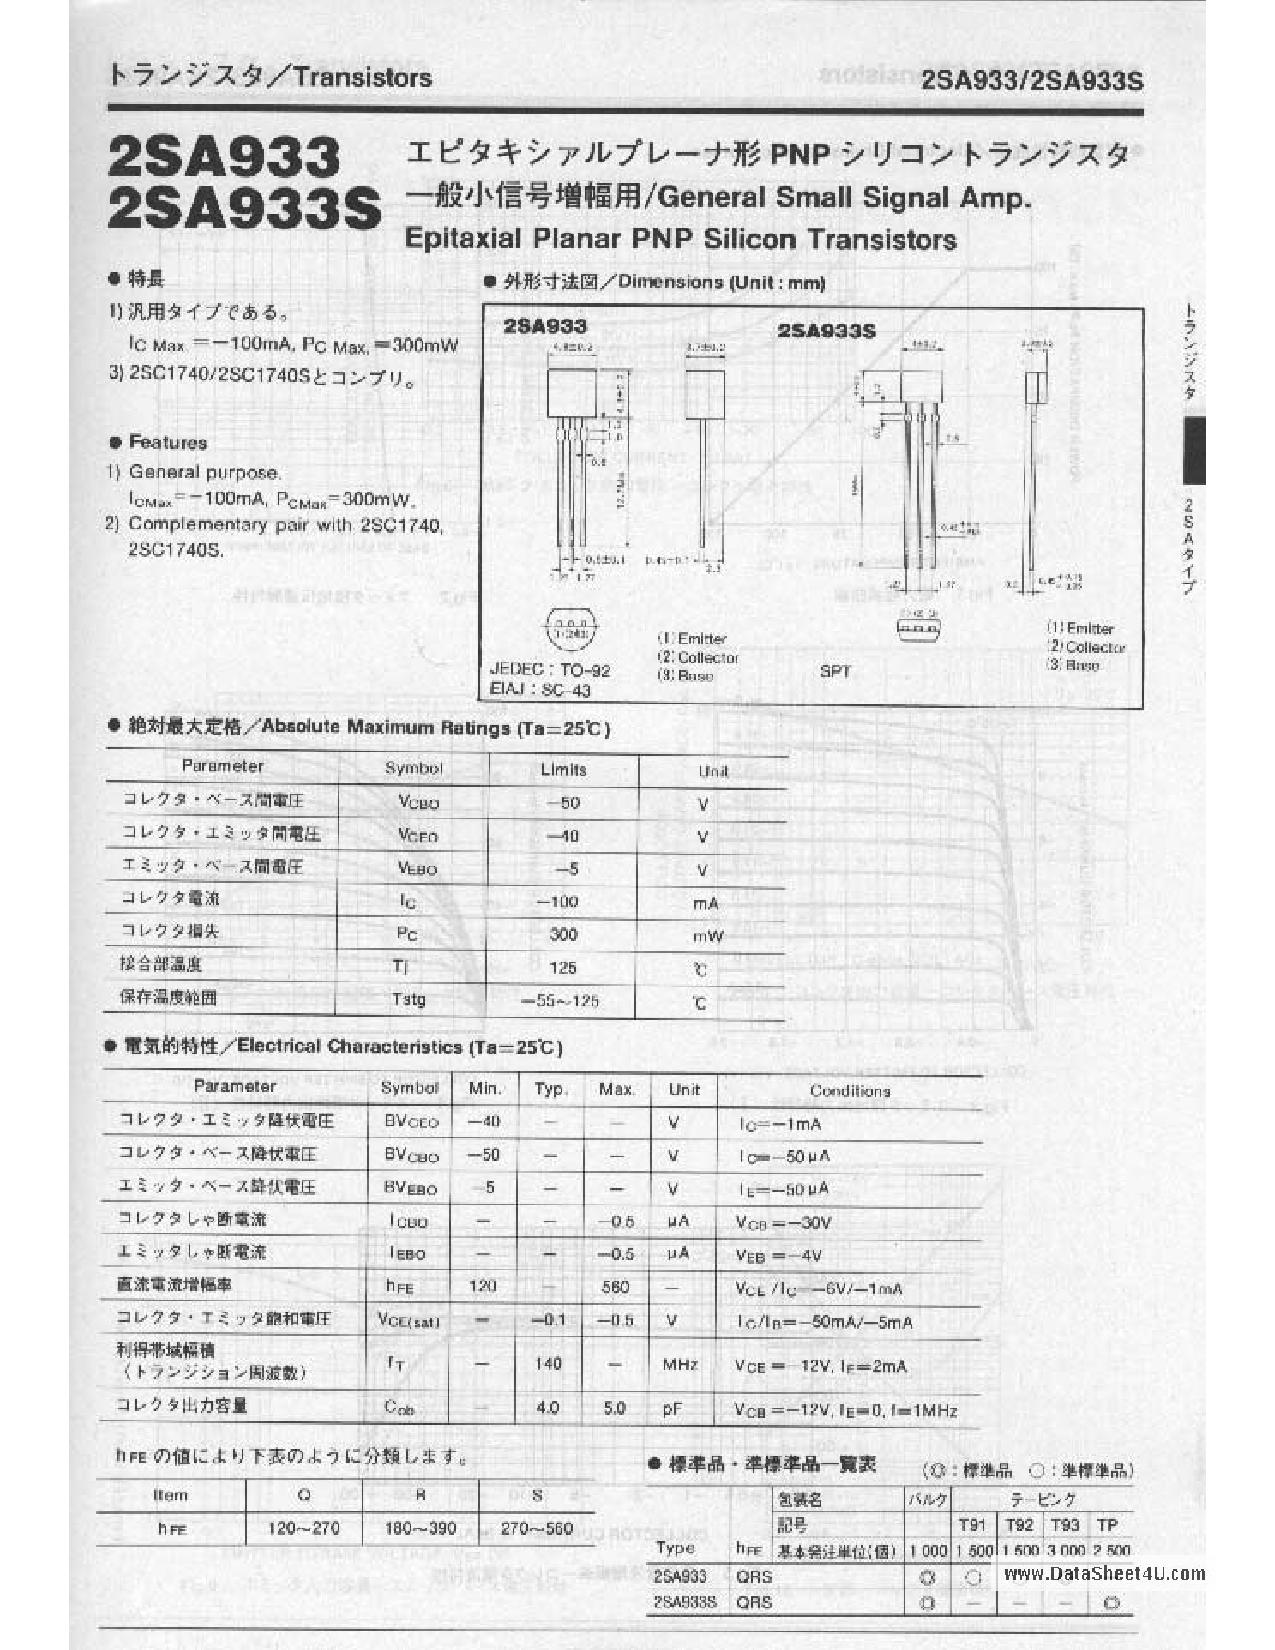 A933 datasheet image